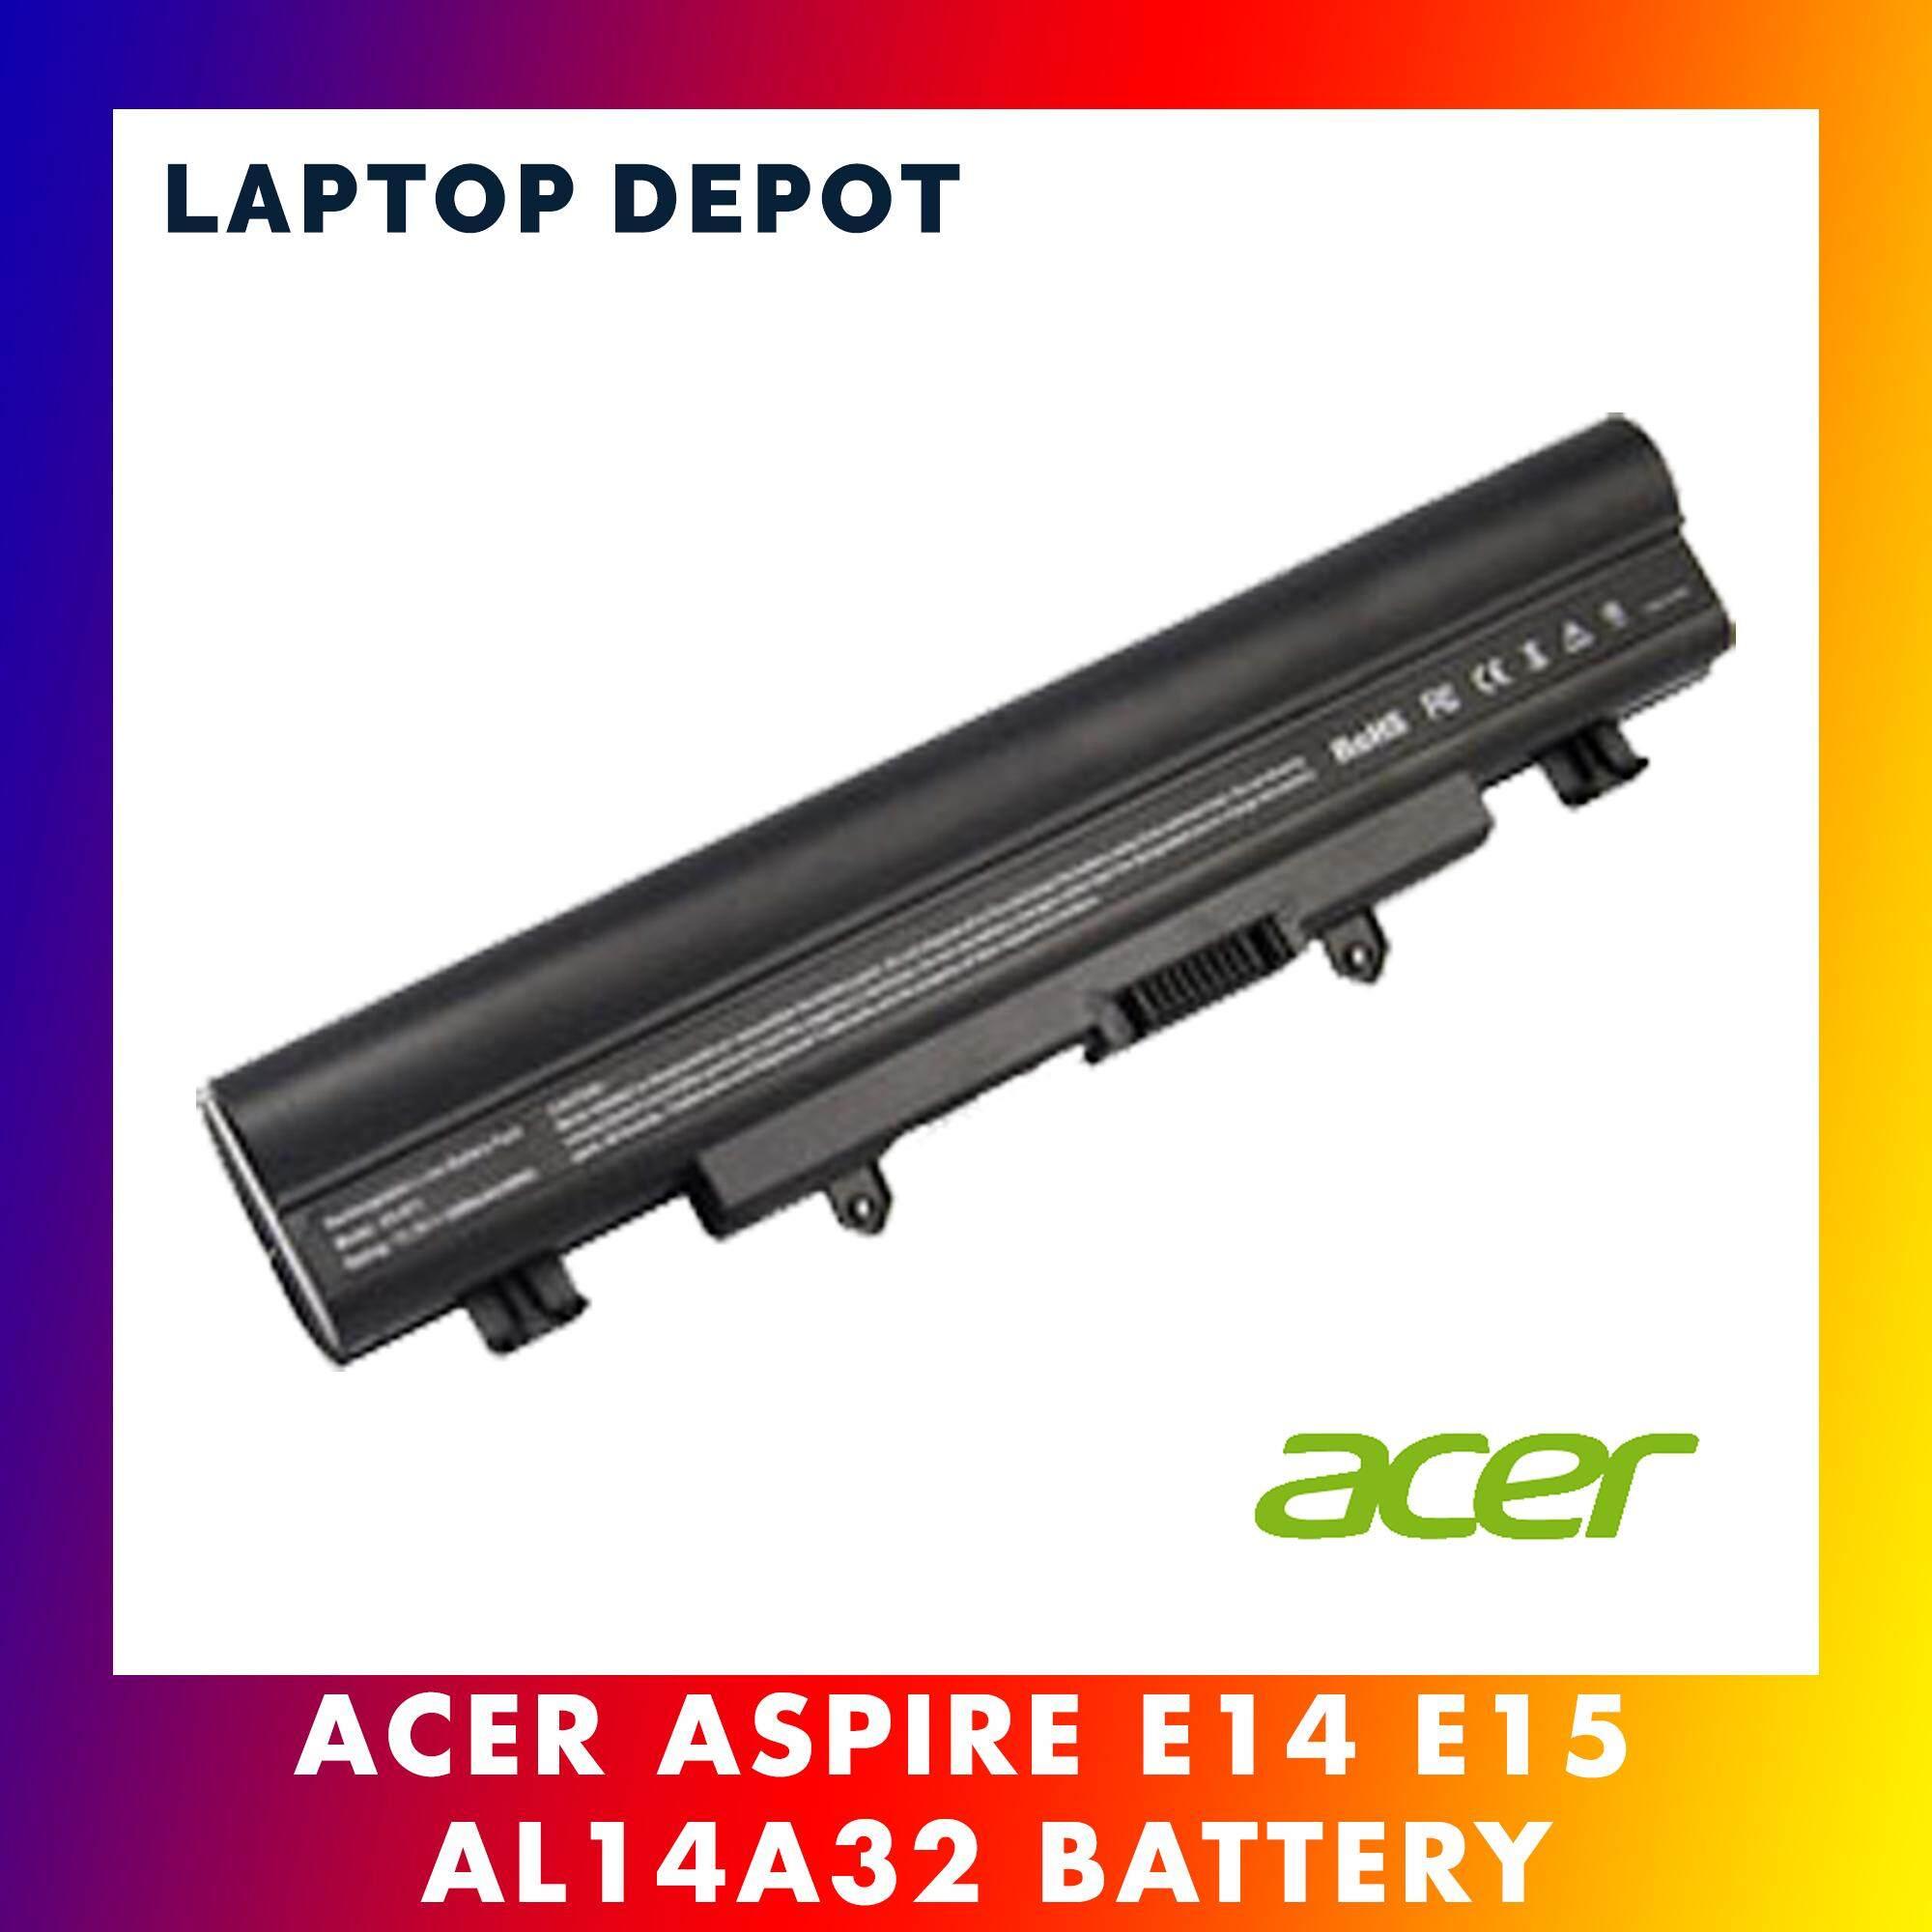 Acer Aspire E14 E15 E5-411 E5-421 E5-471 E5-571 V3-472 V3-572 V5-572 AL14A32 Laptop Battery Malaysia